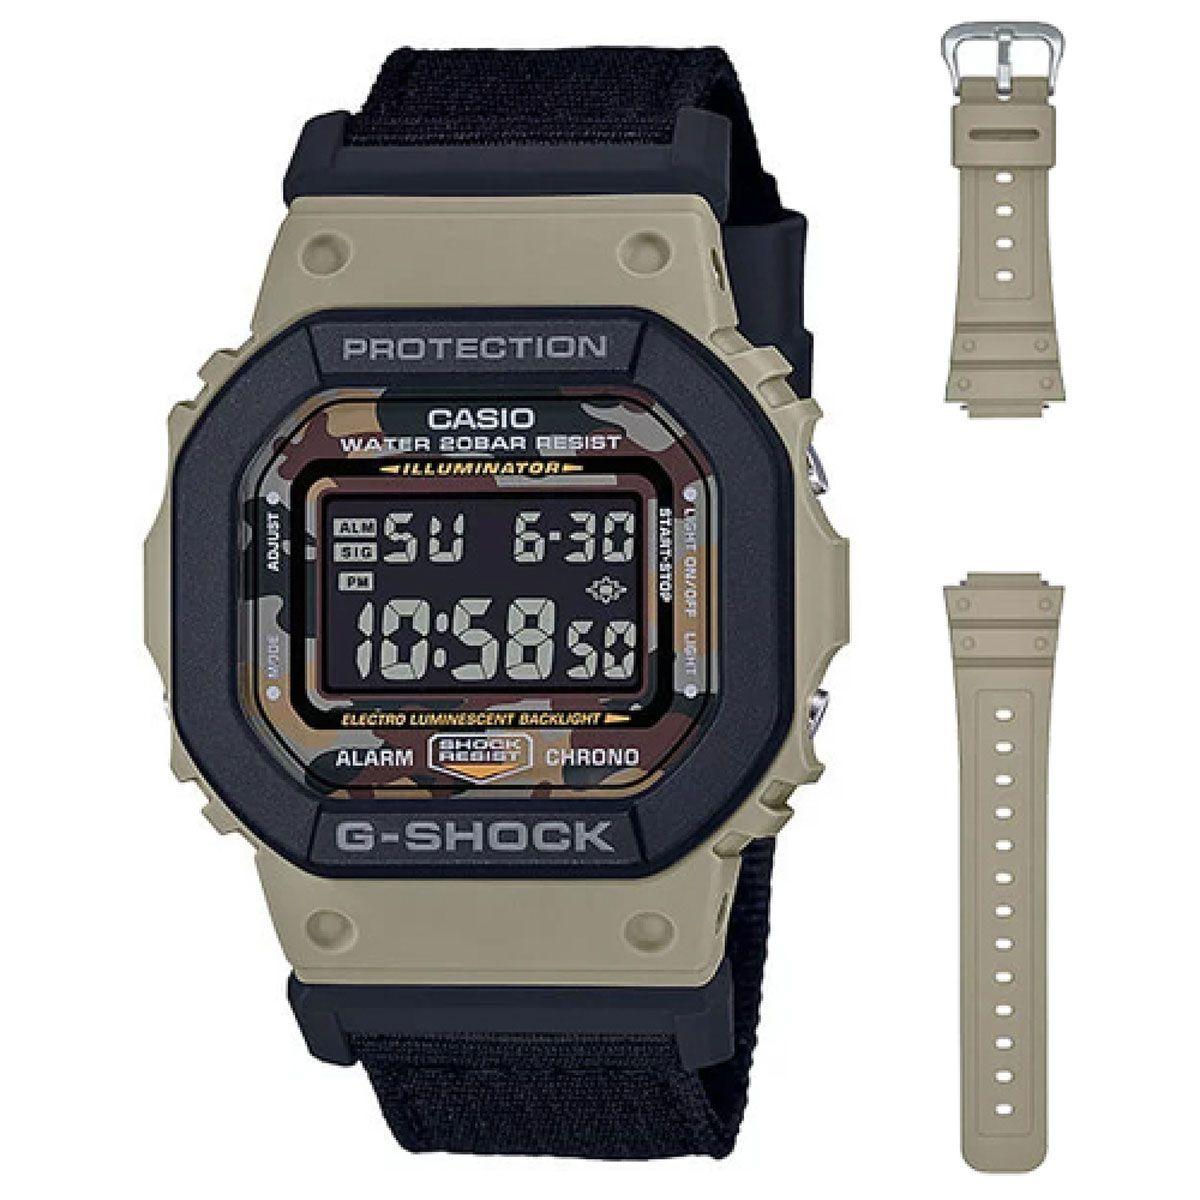 Relógio de Pulso Casio G-Shock Digital Modelo DW-5610SUS-5DR